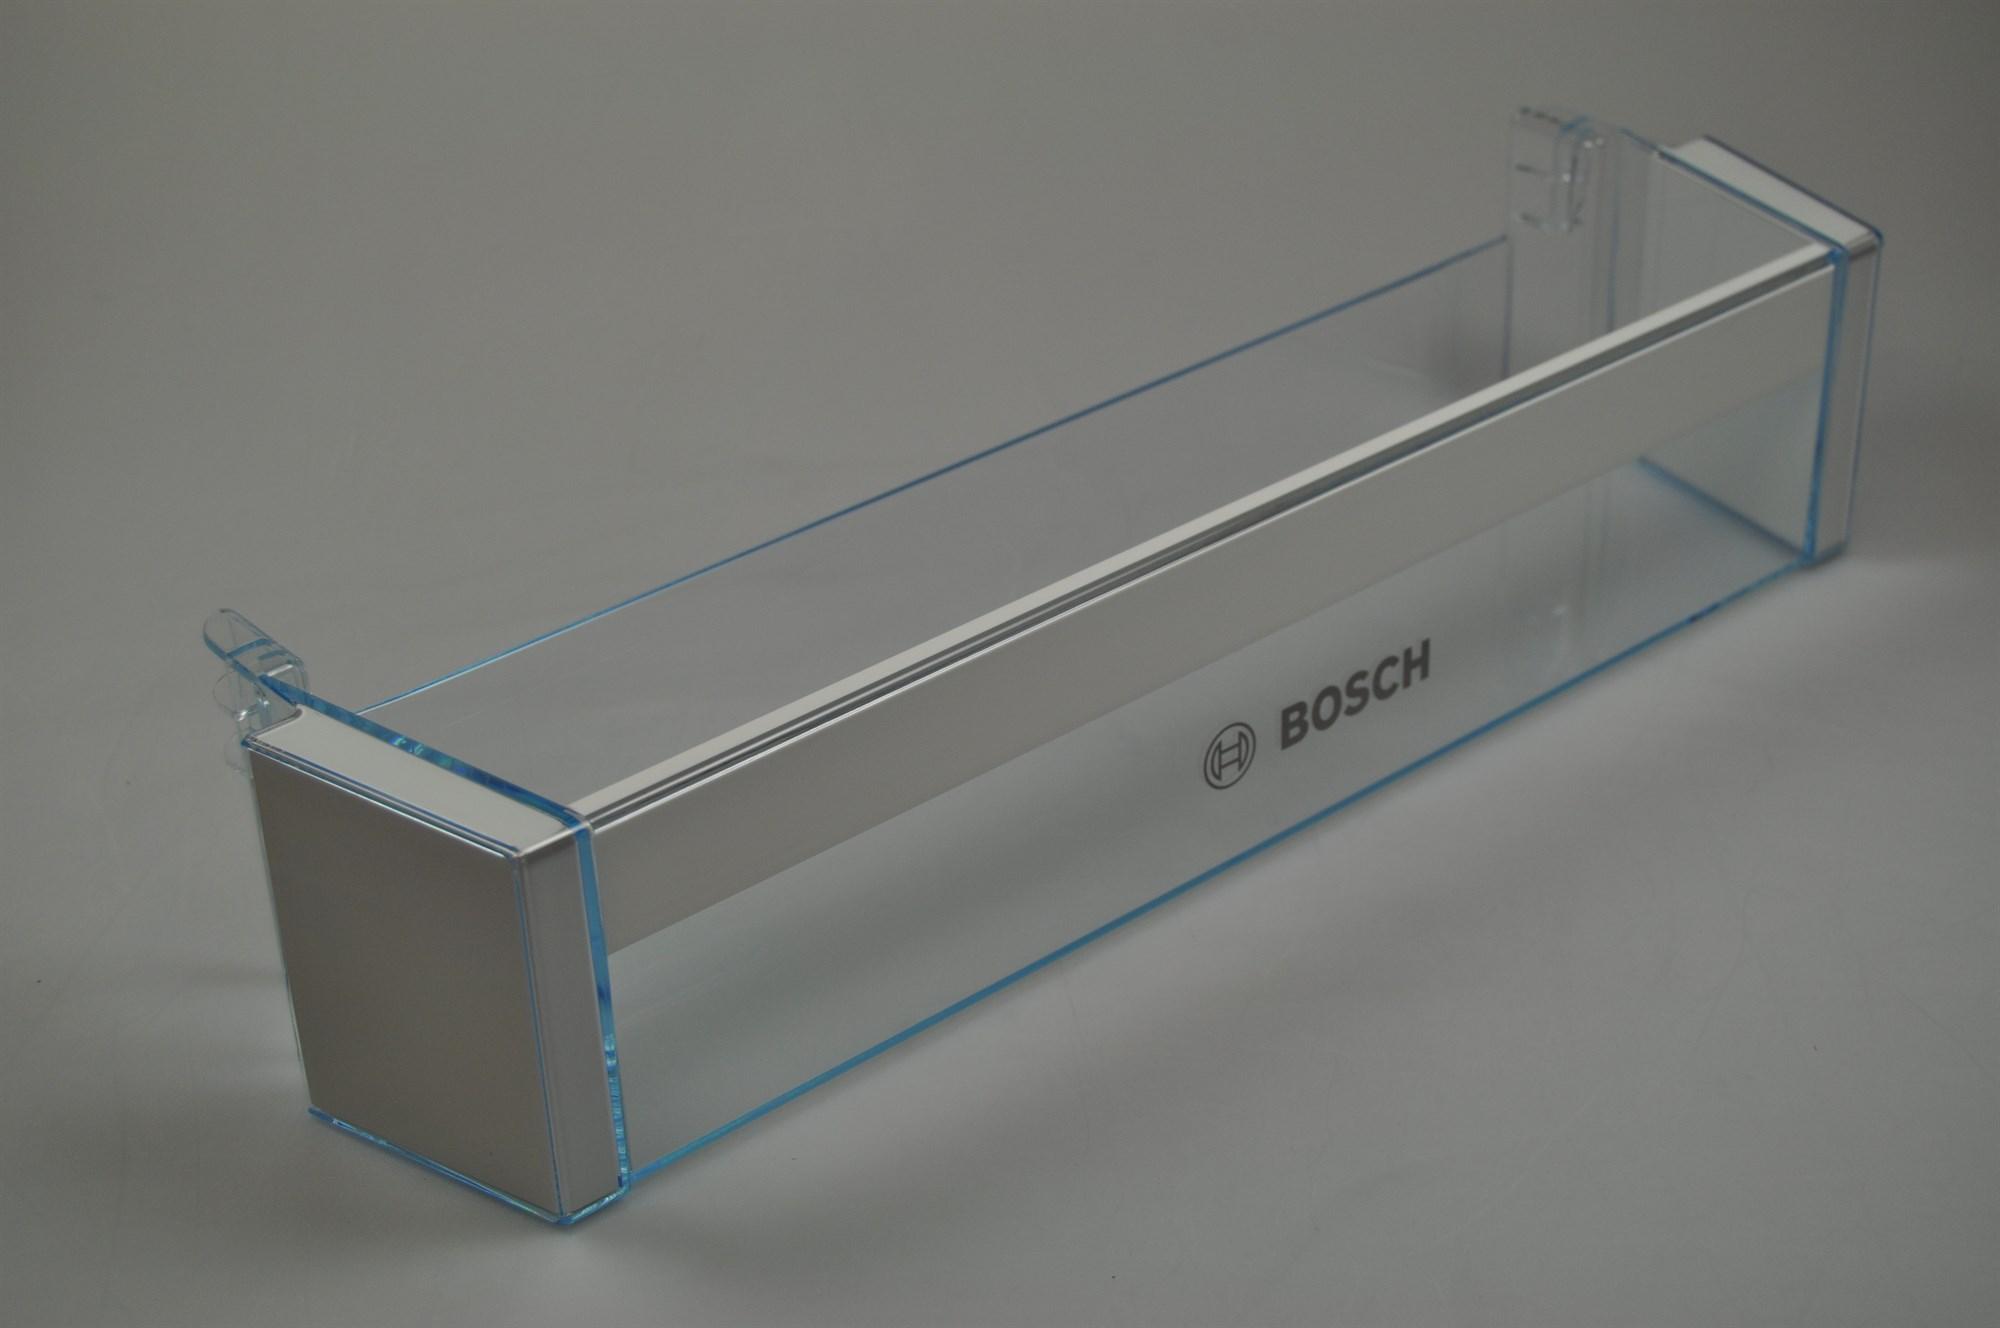 Bosch Kühlschrank Ersatzteile Türfach : Türfach bosch kühl gefrierschrank unten